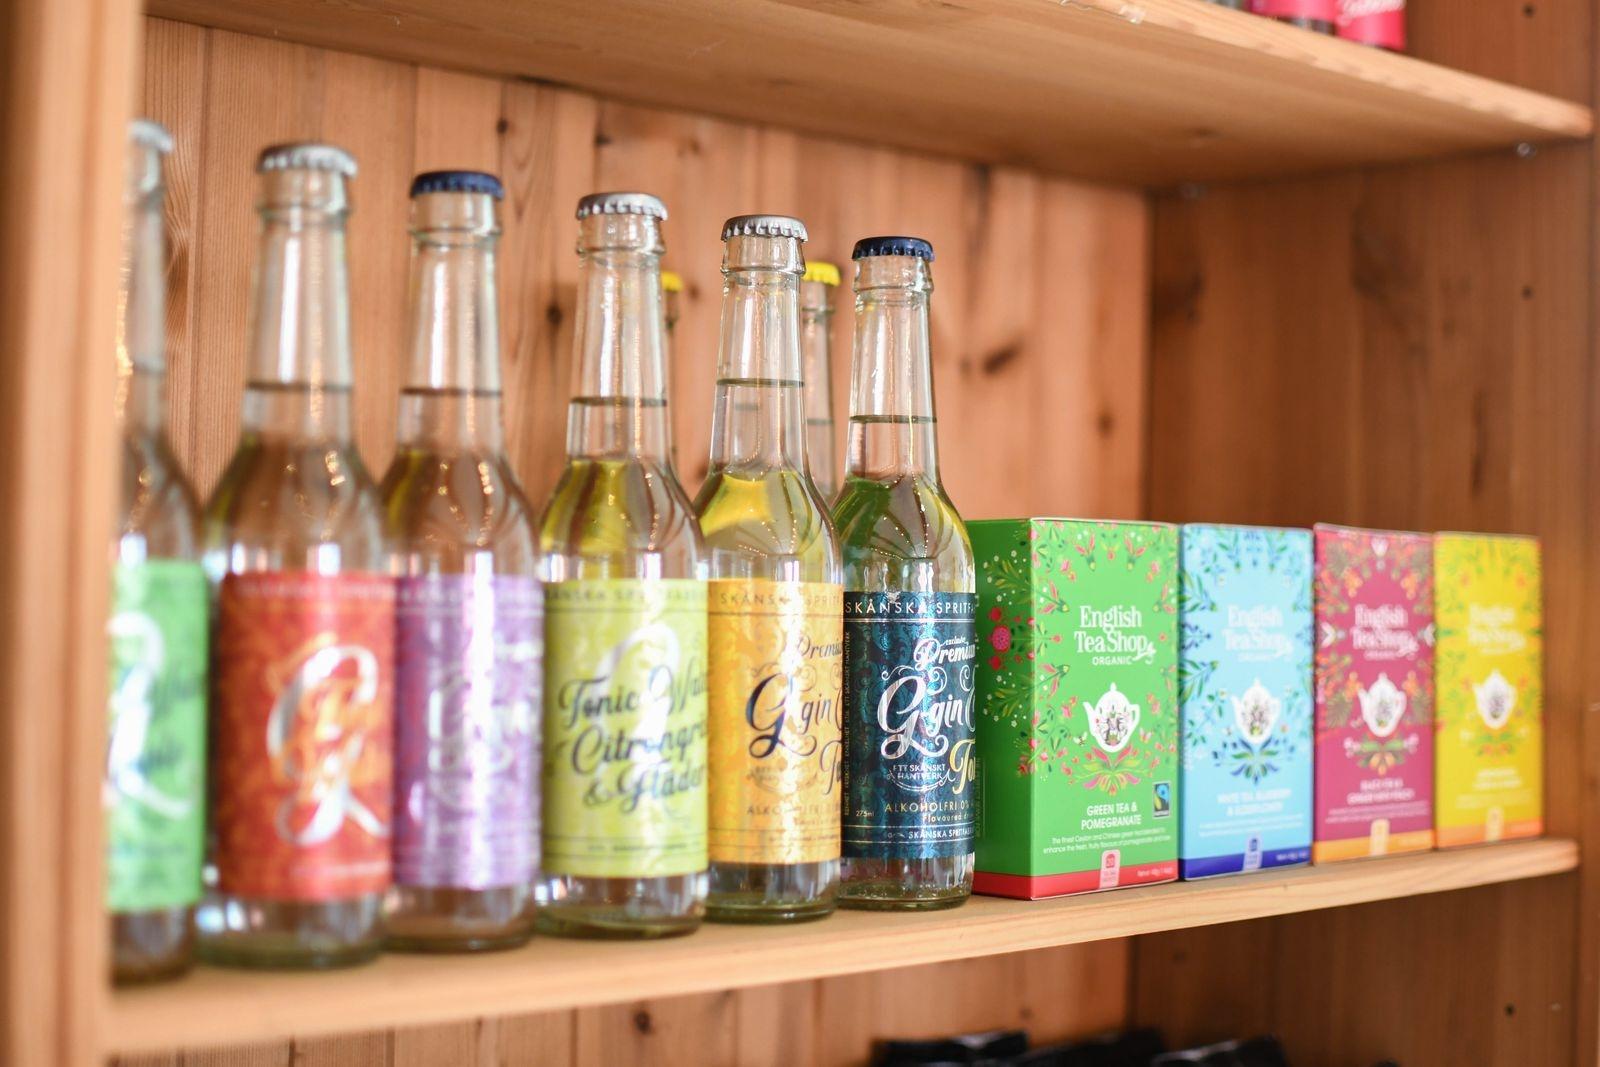 Läsk från Läskfabriken i Trelleborg och Skånska spritfabrikens gin & tonic med spännande smaker, är två exempel från sortimentet.